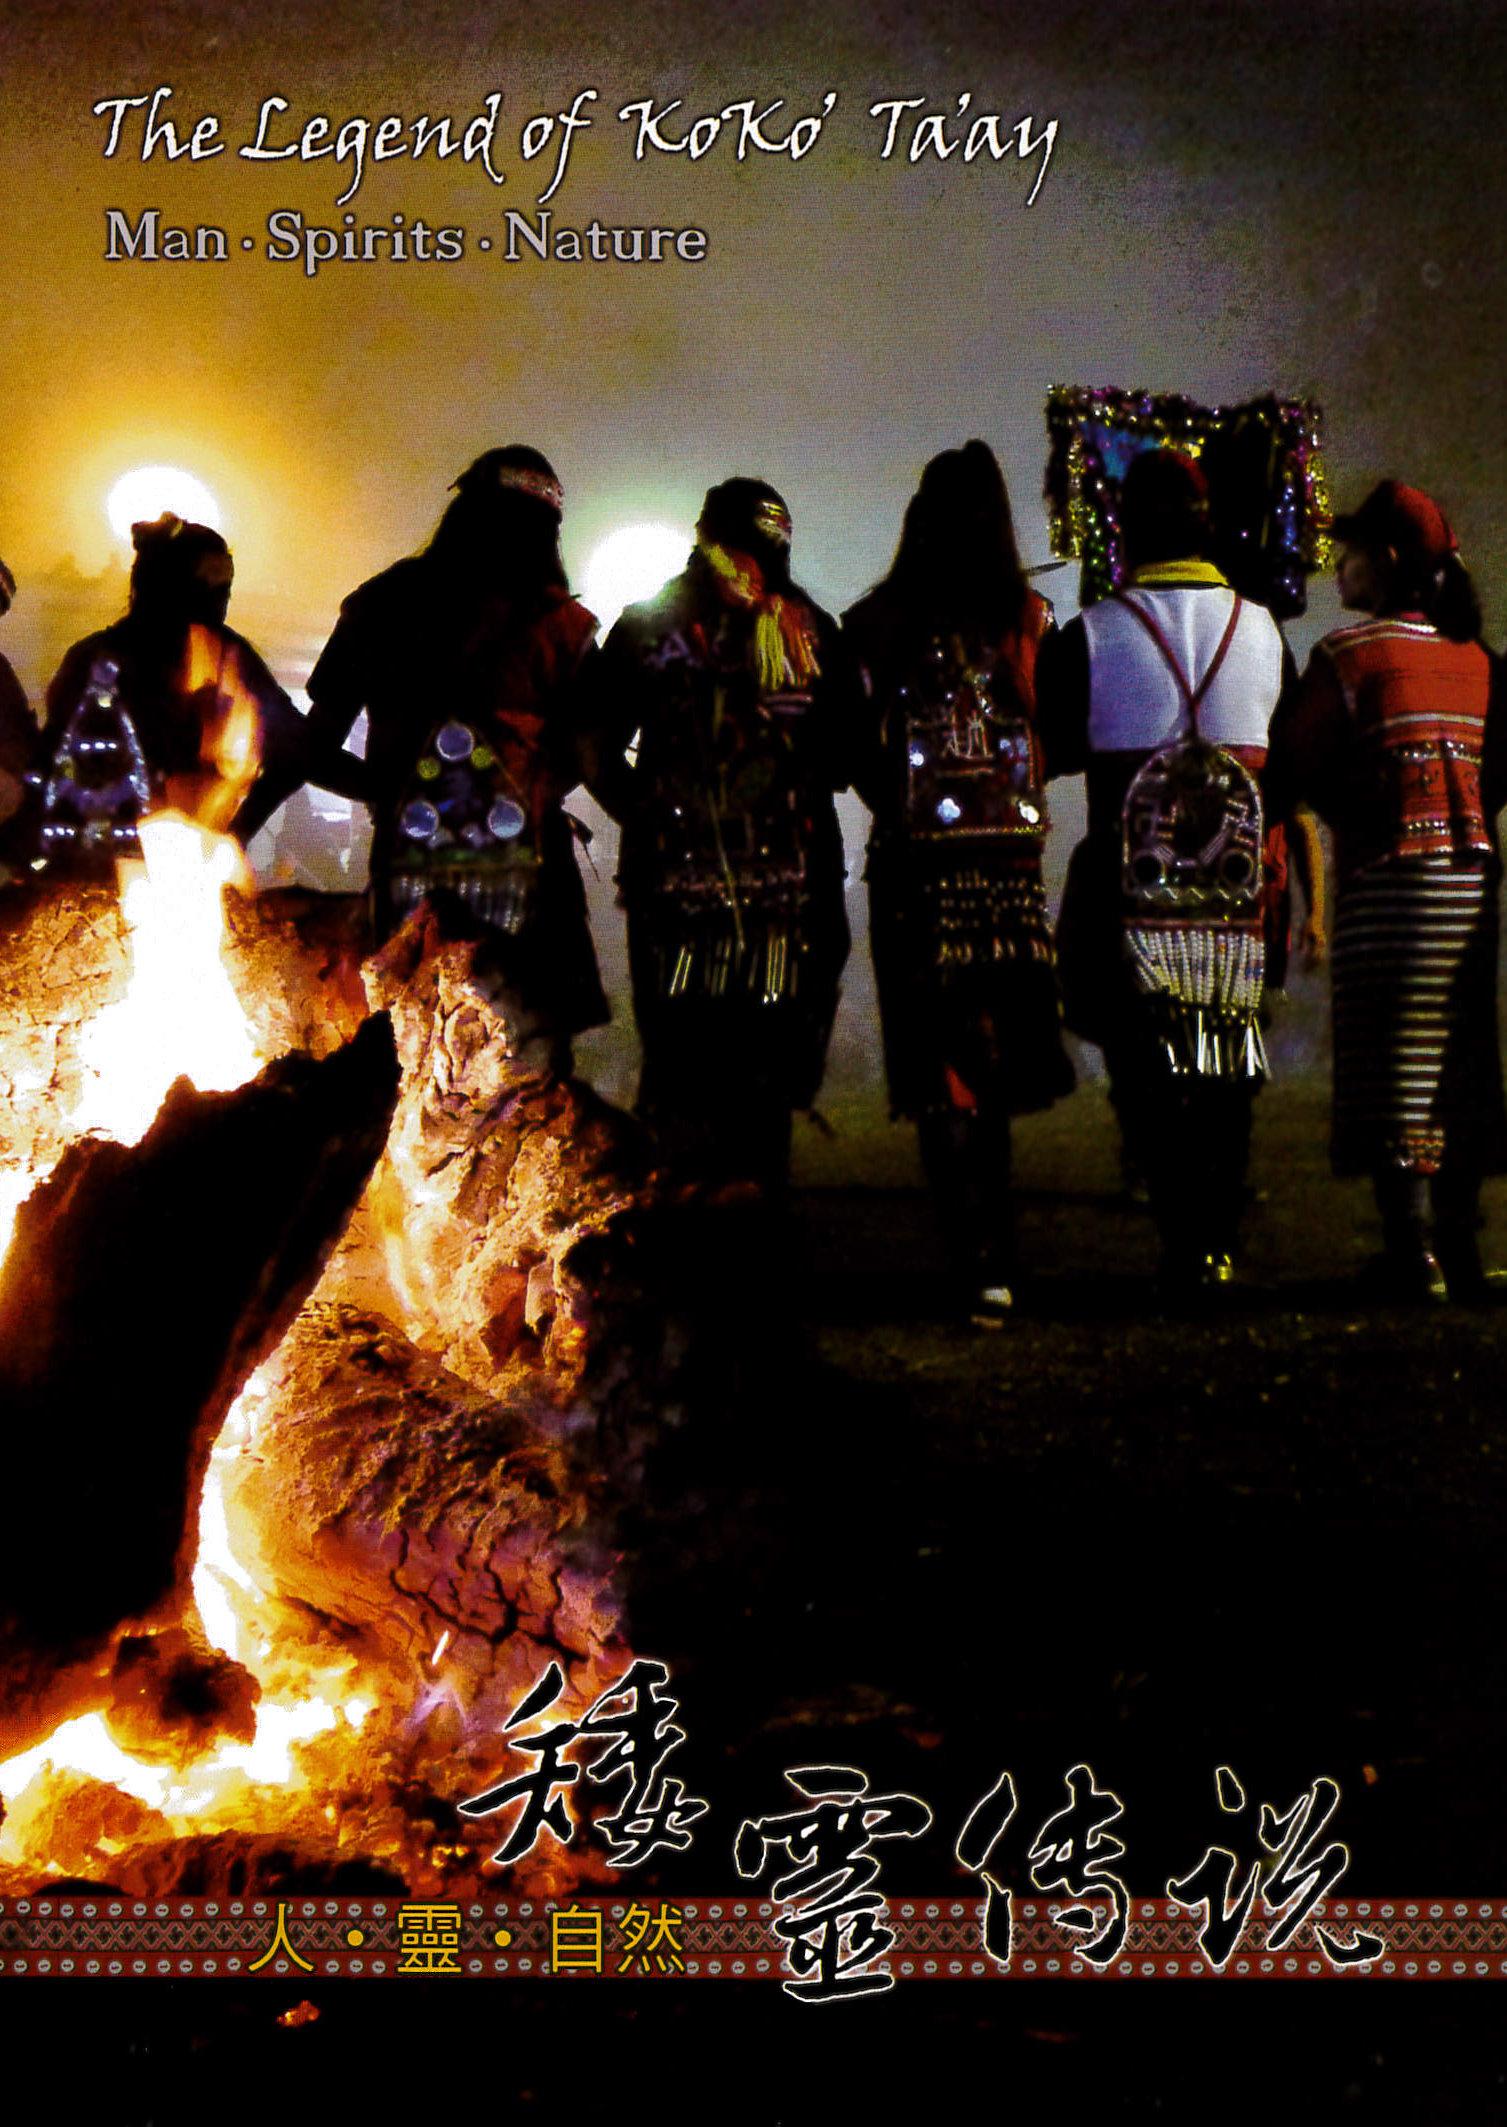 矮靈傳說—人、靈、自然 (DVD)